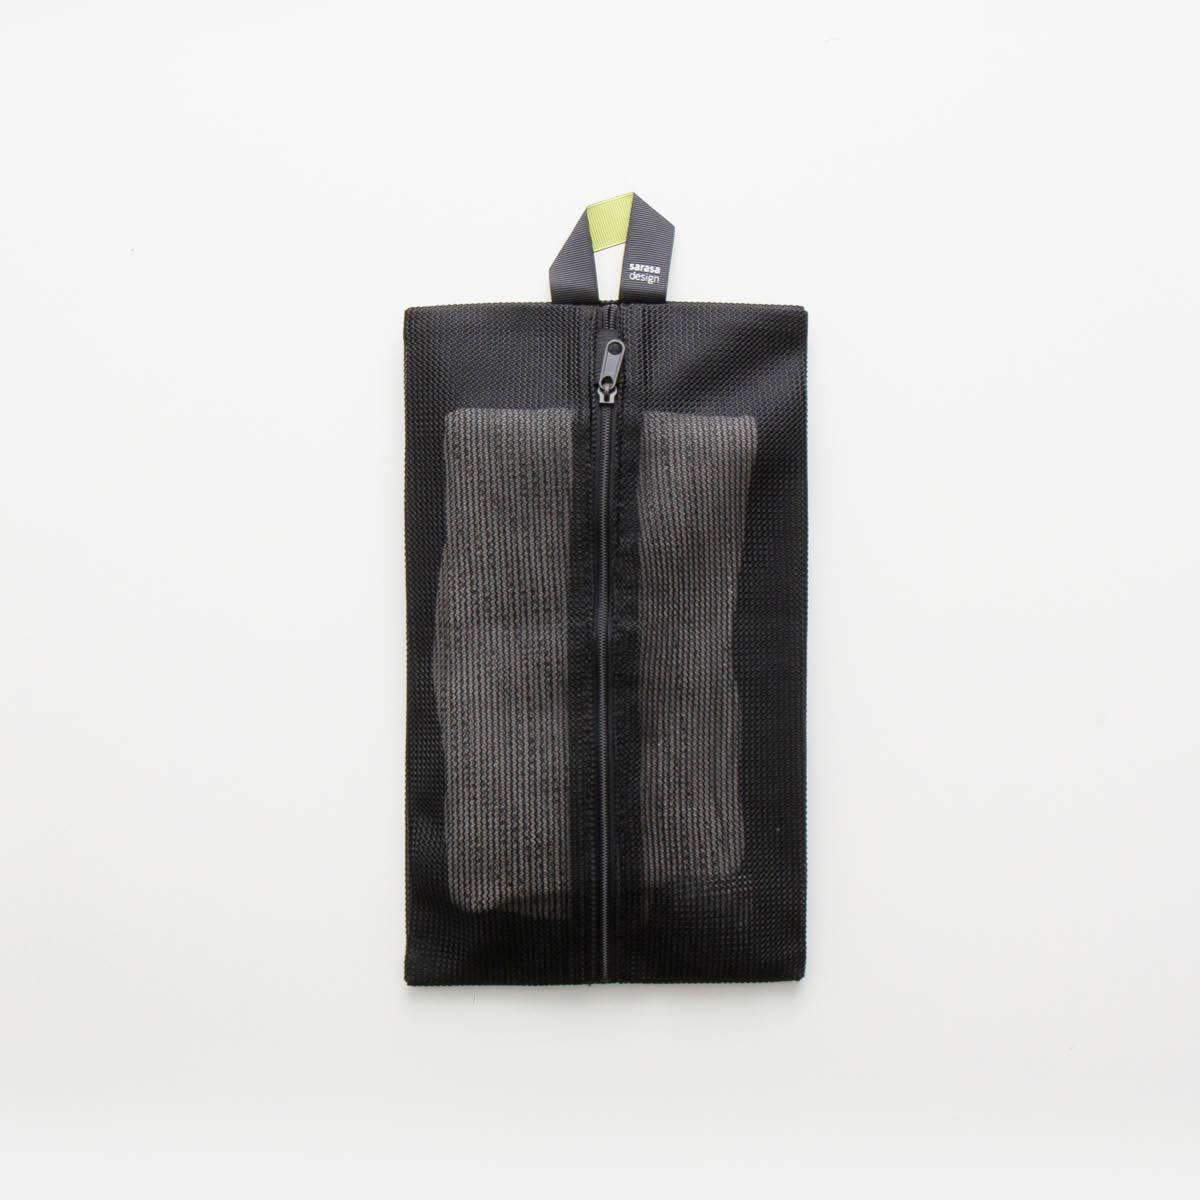 洗濯ネット 小 マスク 《メール便可》b2c ランドリーネット S #SL_LA 驚きの値段で マチ付き 出群 ワイド